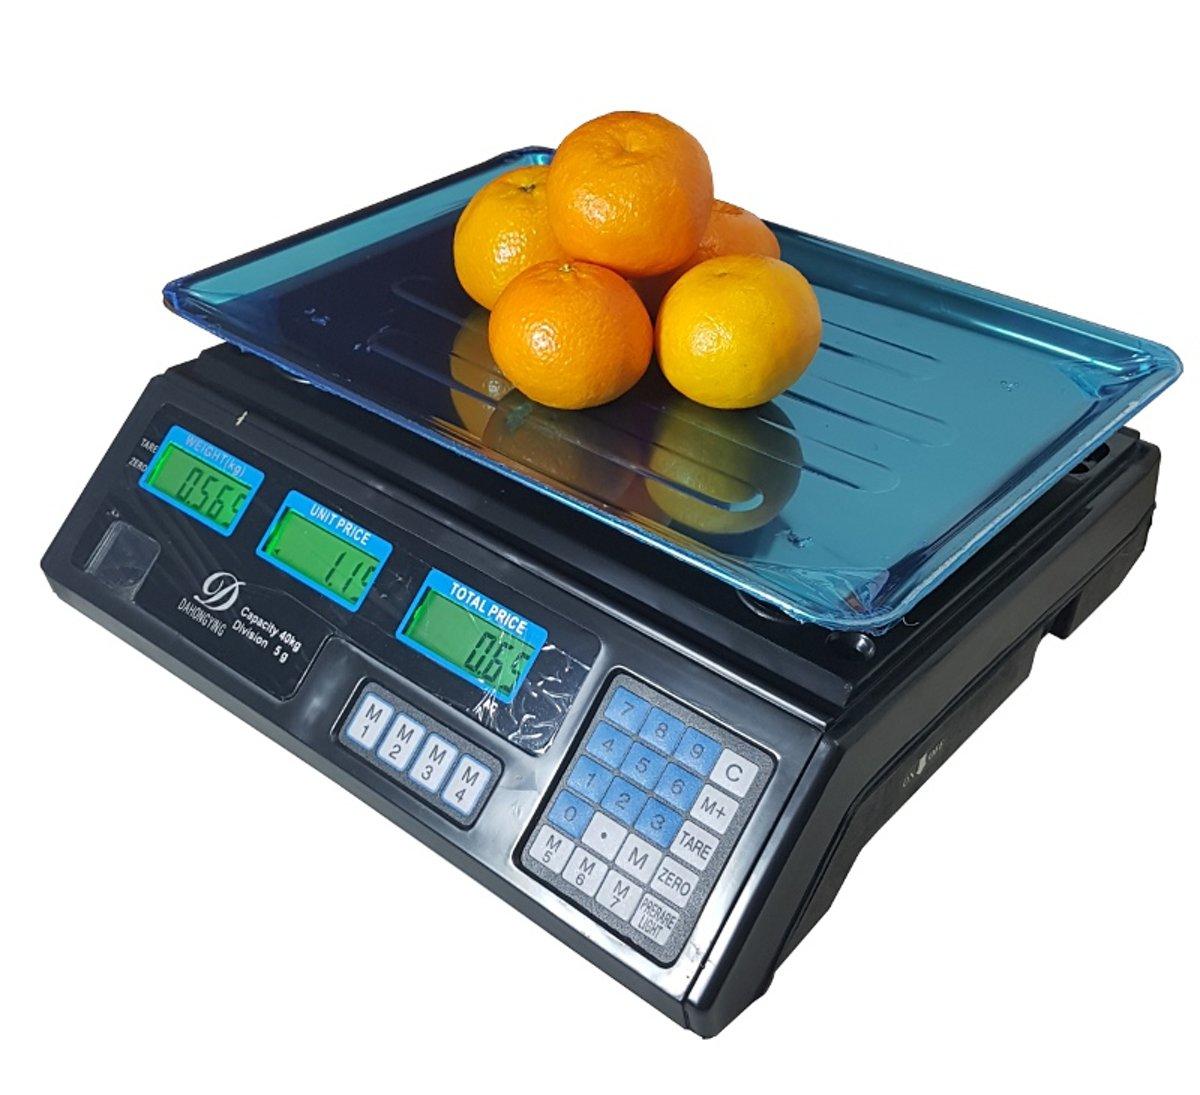 Digitale horeca, markt, pakket prijs weegschaal met voor en achter lcd display 40KG met oplaadbare accu nauwkeurigheid 5 gram